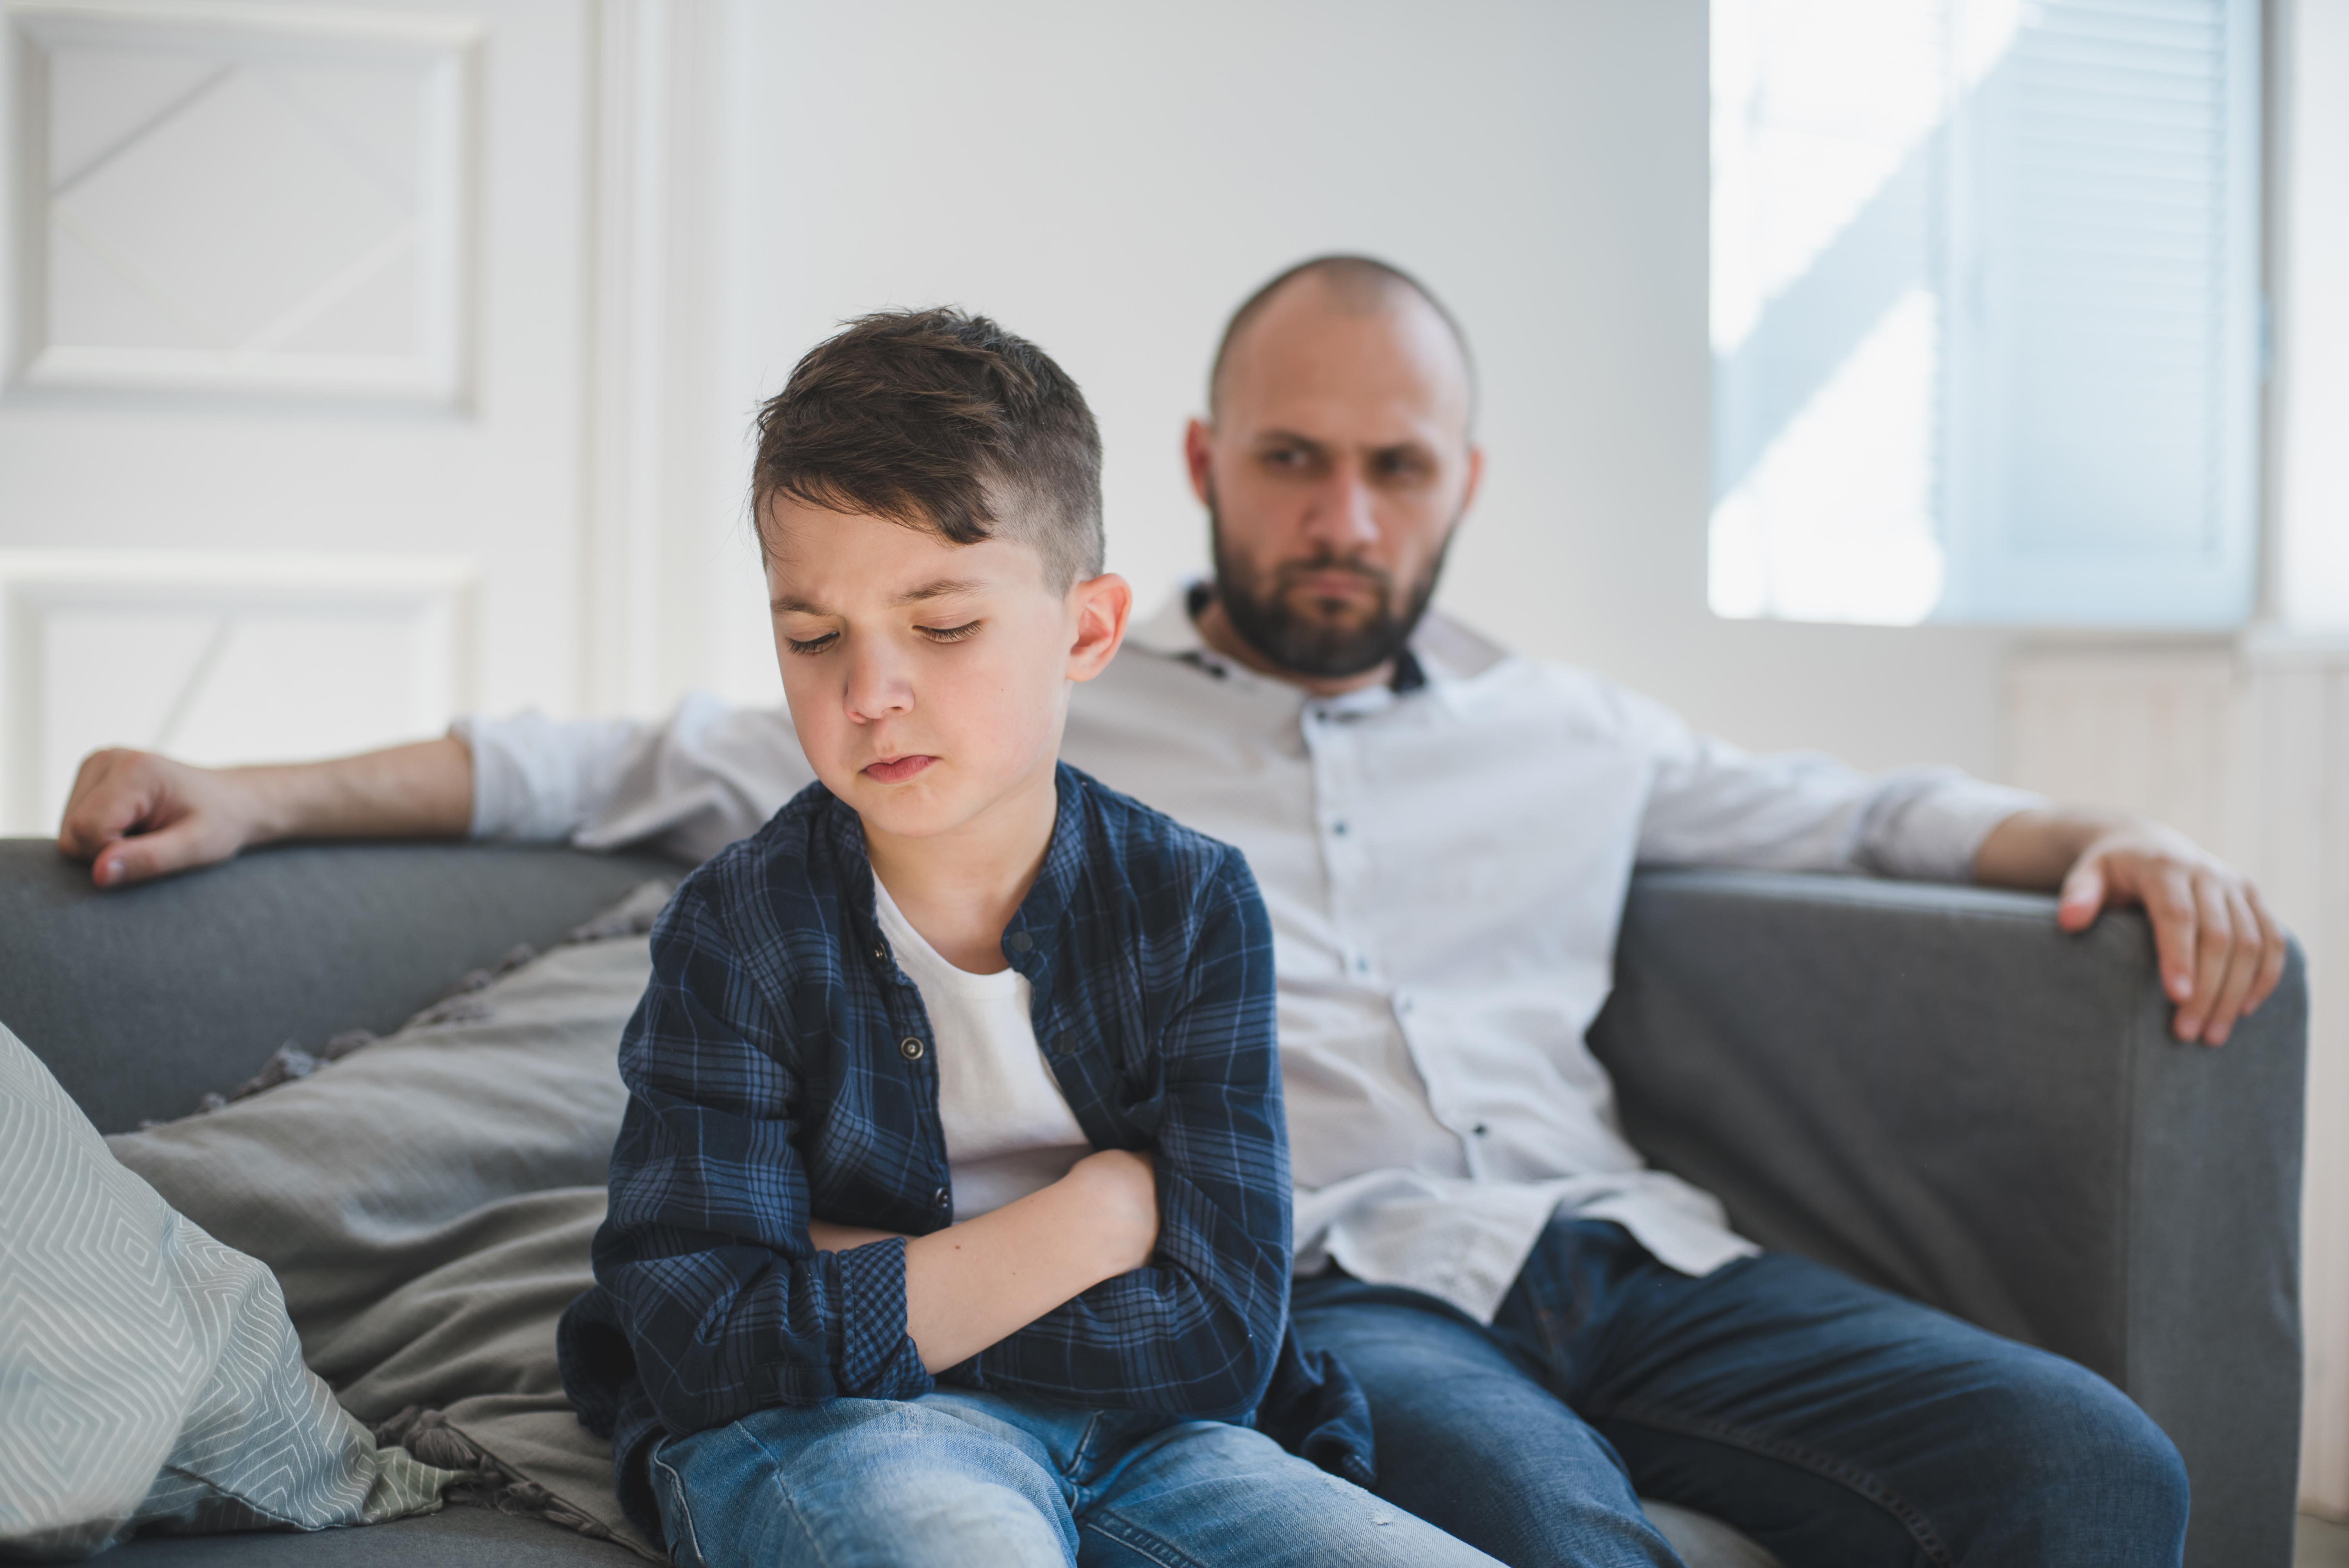 Un jeune garçon et son père son assis sur un sofa